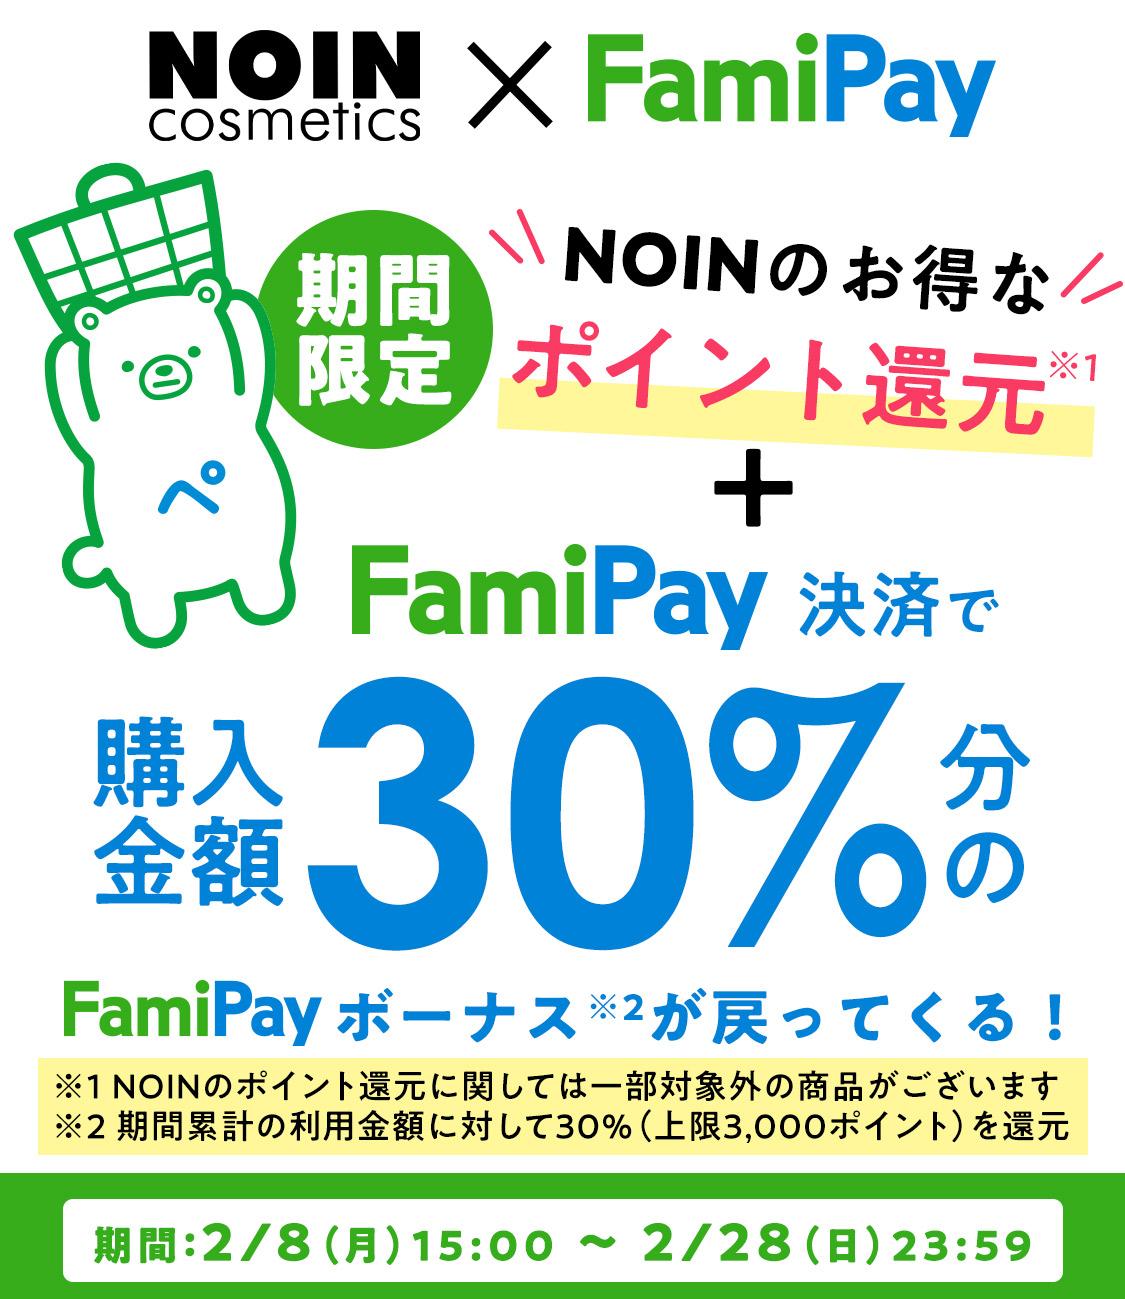 コスメショッピングサイトのNOINでFamipay払いで30%FamiPayバック、更に最大65%NOINポイント還元中。~2/26。